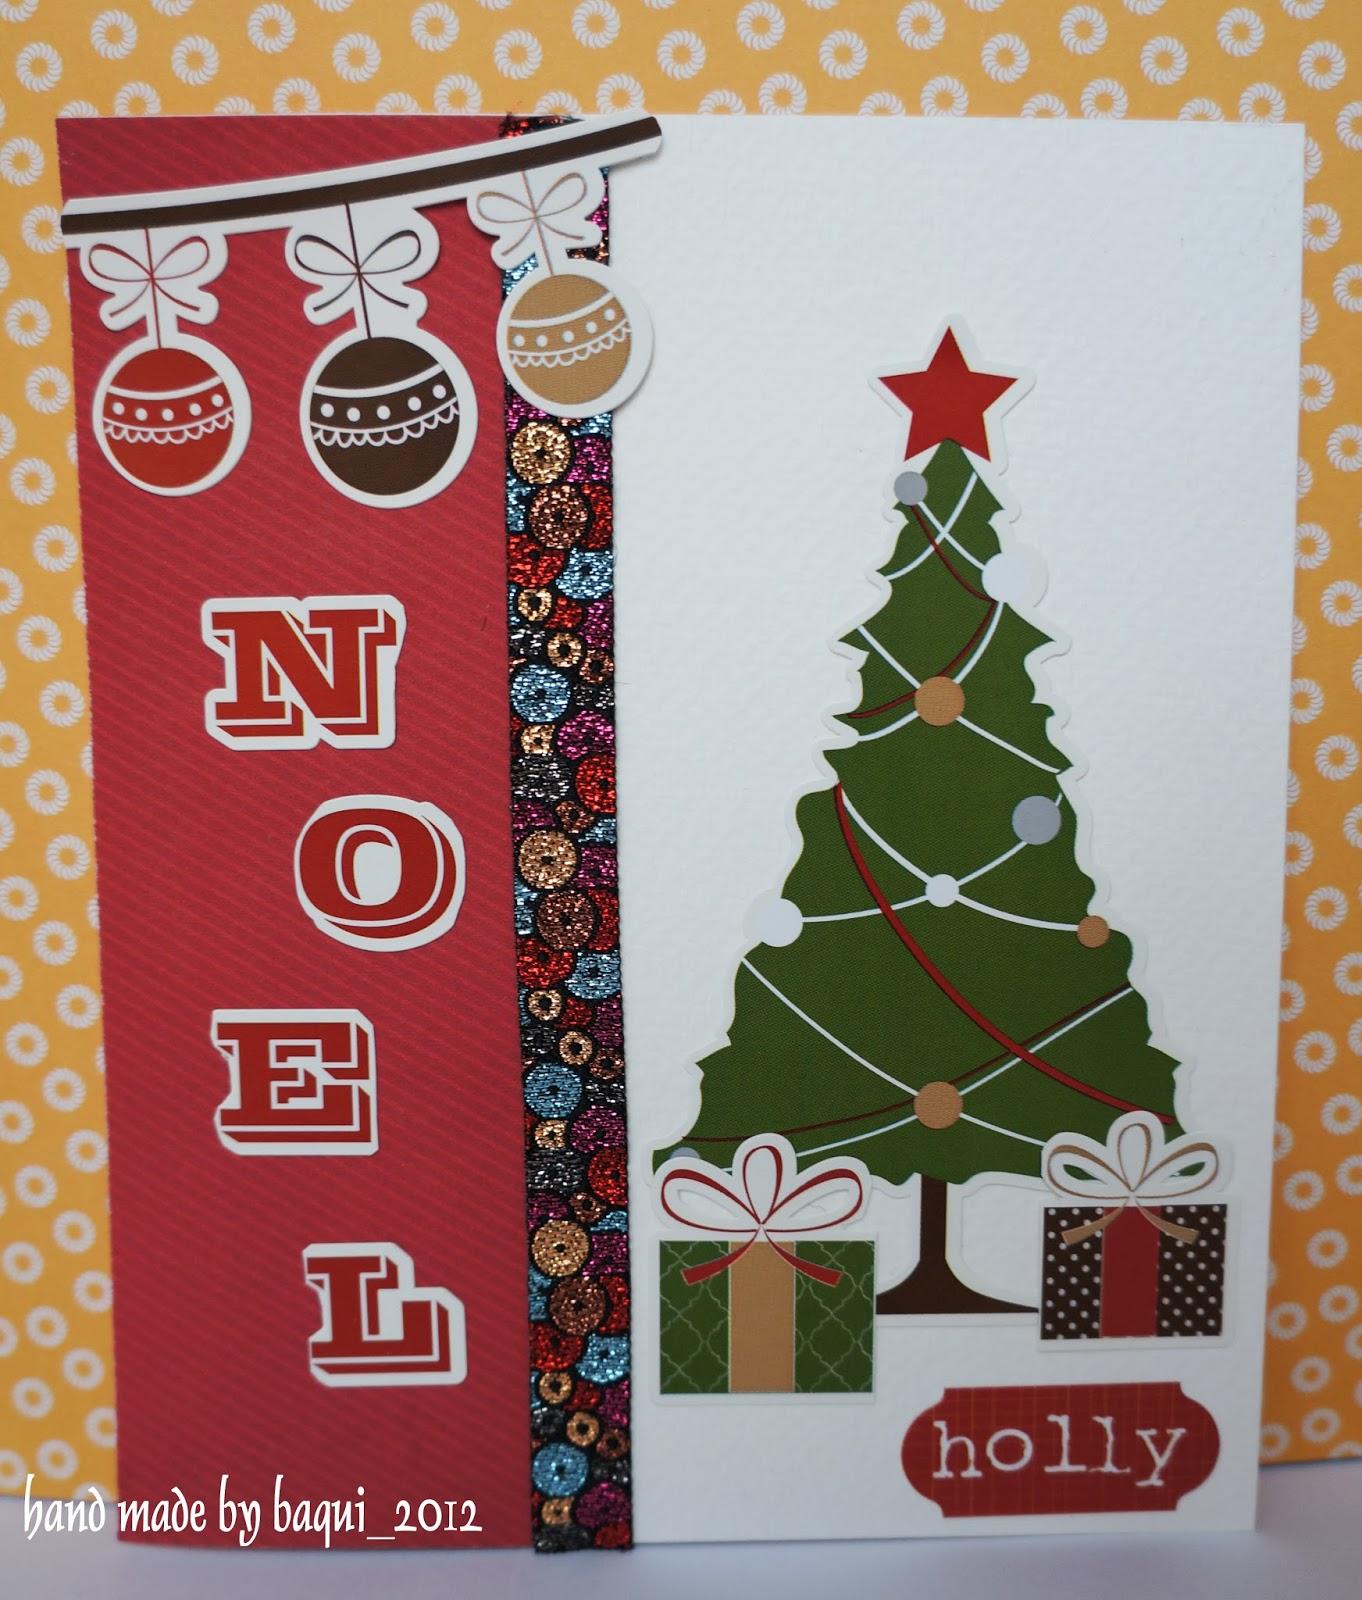 Cmo hacer una postal de navidad con fieltro share the - Manualidades postales navidad ...